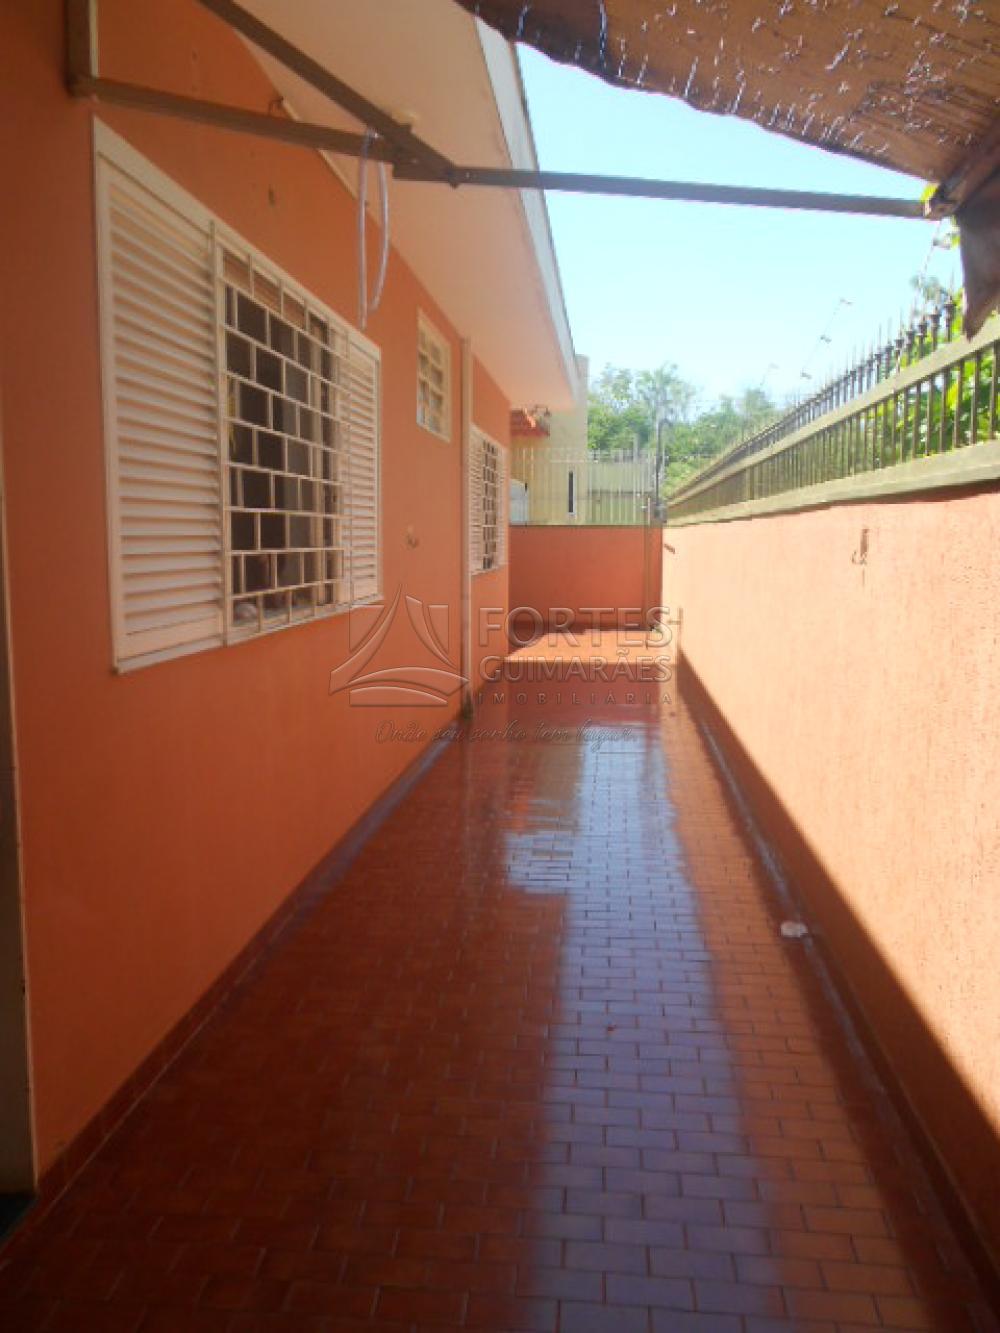 Alugar Casas / Padrão em Ribeirão Preto apenas R$ 2.000,00 - Foto 30